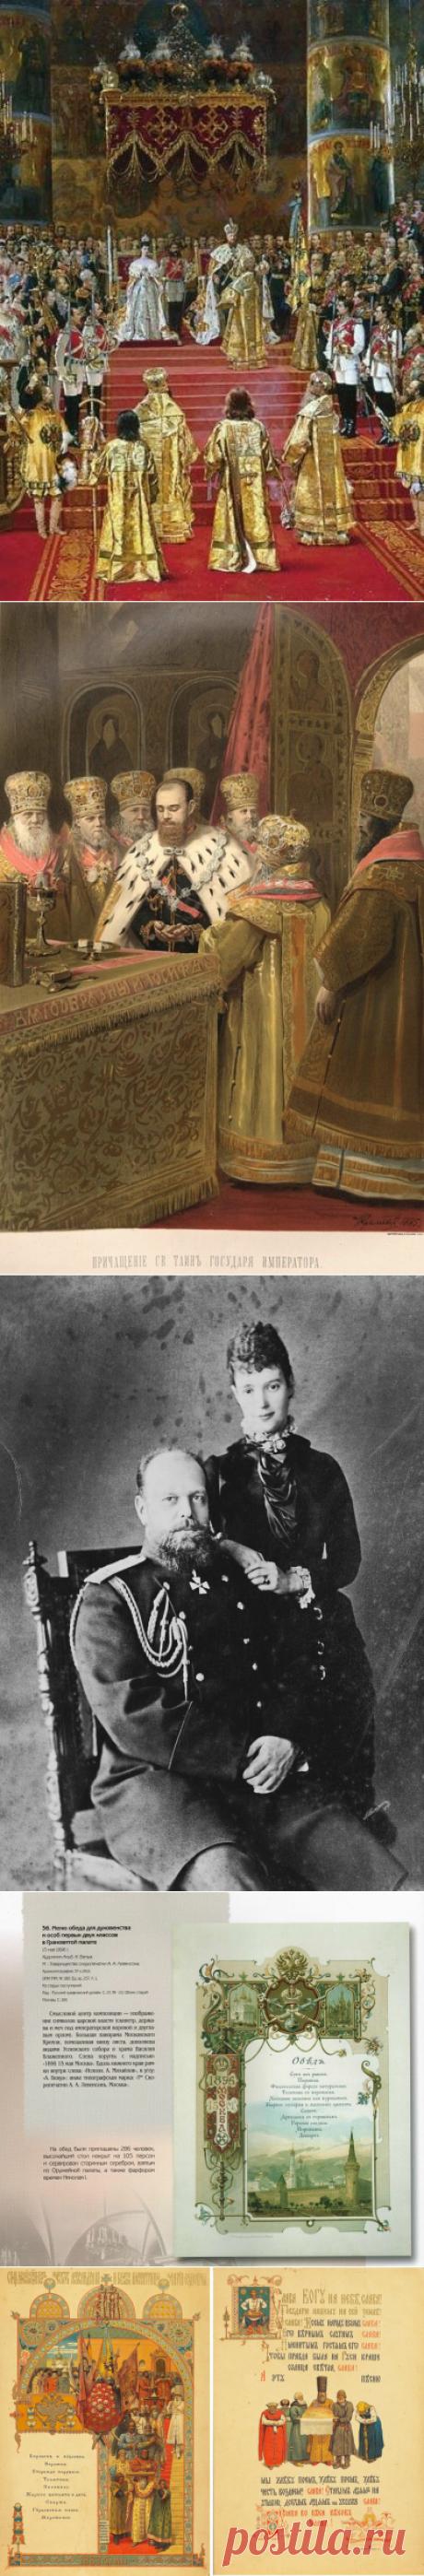 Царский стол... чем угощали гостей в честь коронации императора Александра III? | София@Piter | Яндекс Дзен